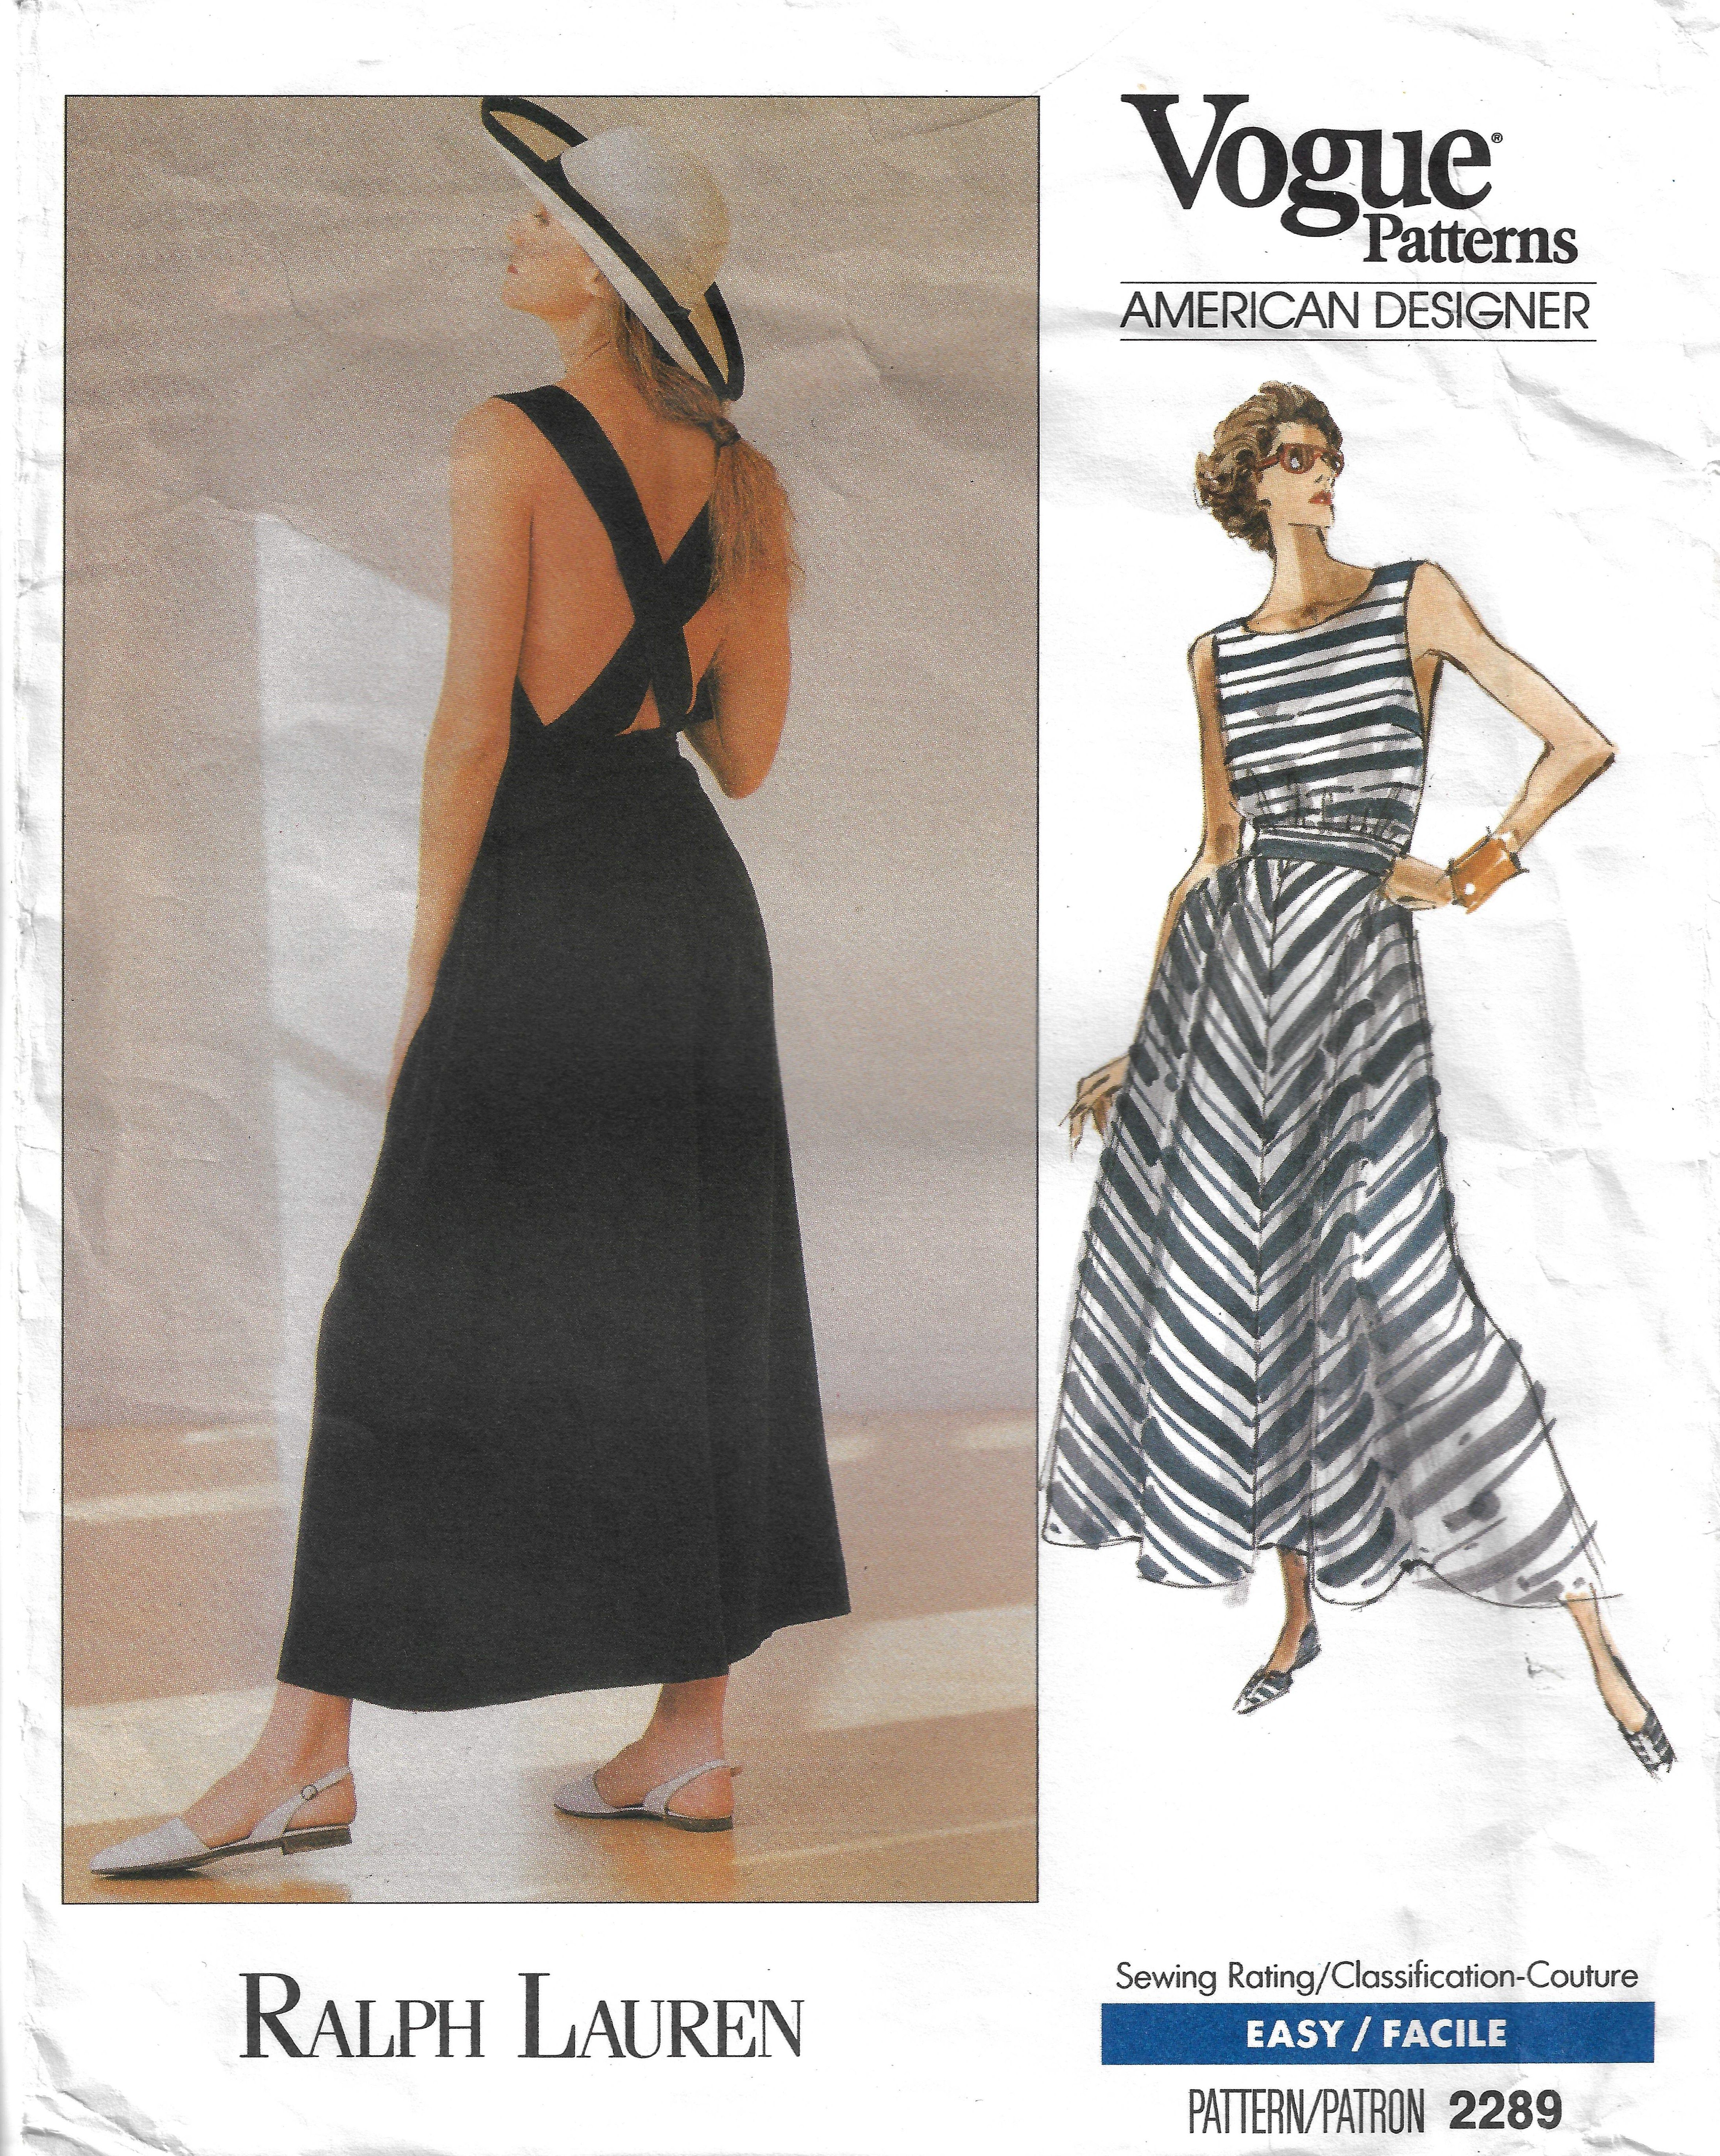 Vogue Patterns American Designer 2289 By Ralph Lauren Vintage